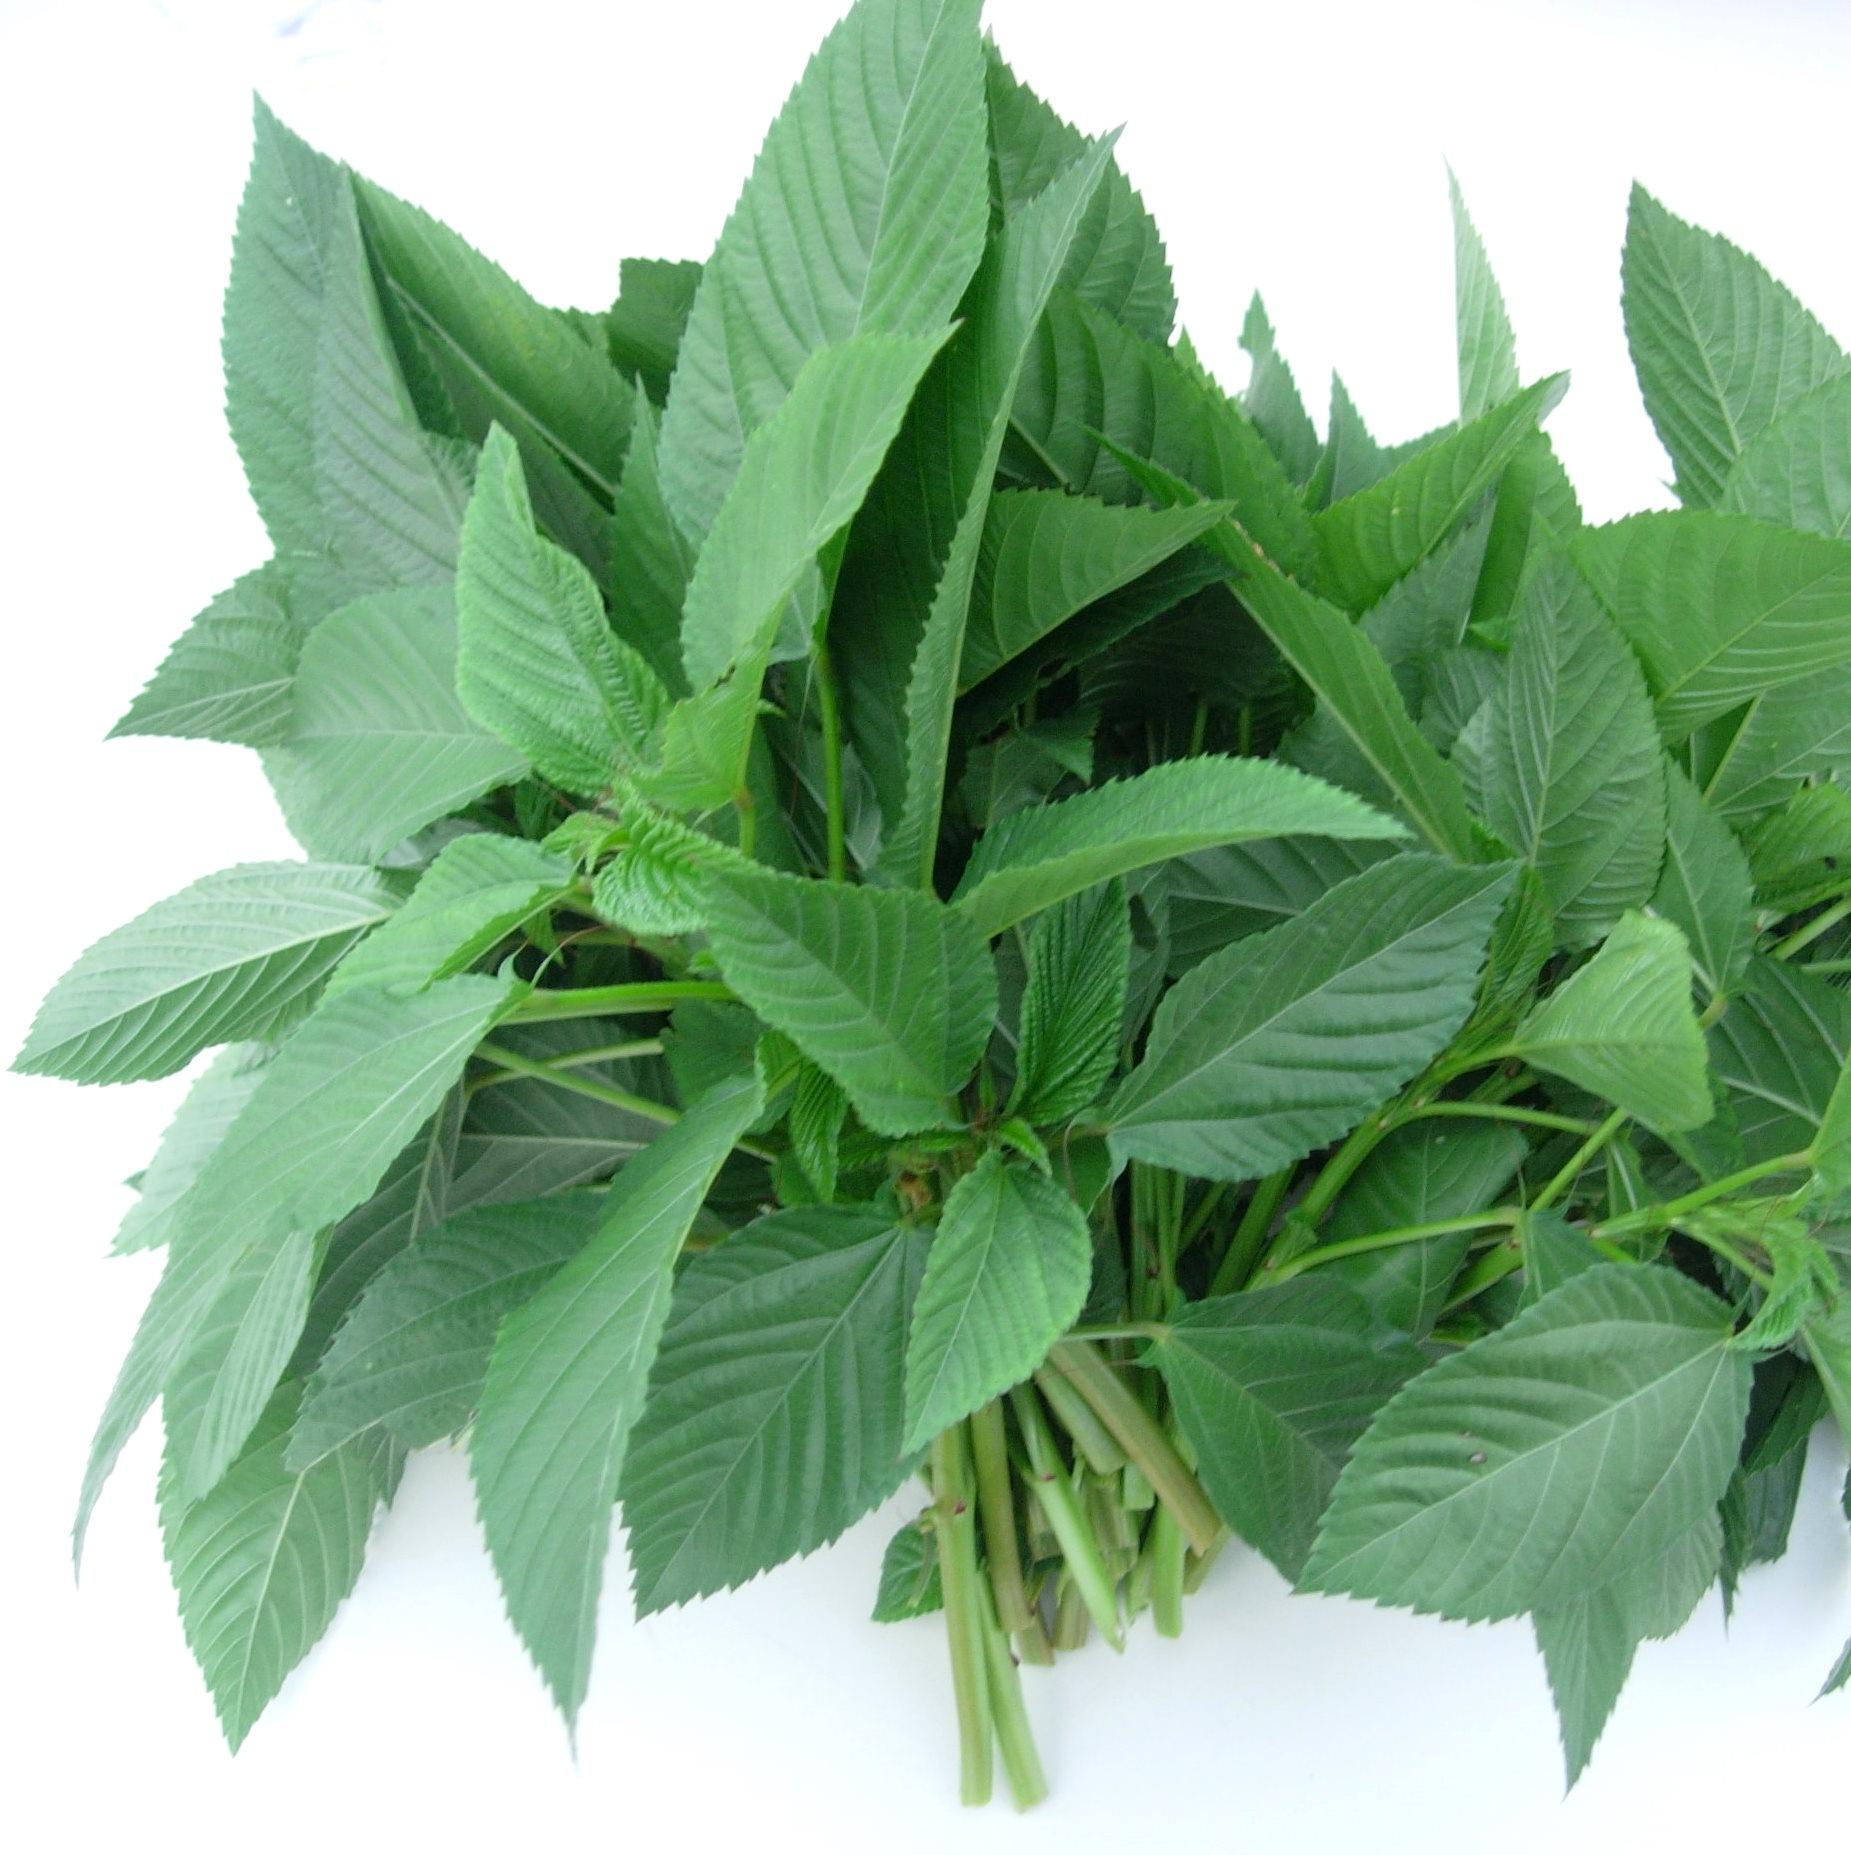 【王様の野菜=モロヘイヤ】美容にも健康にもいい!うまうまレシピ!のサムネイル画像